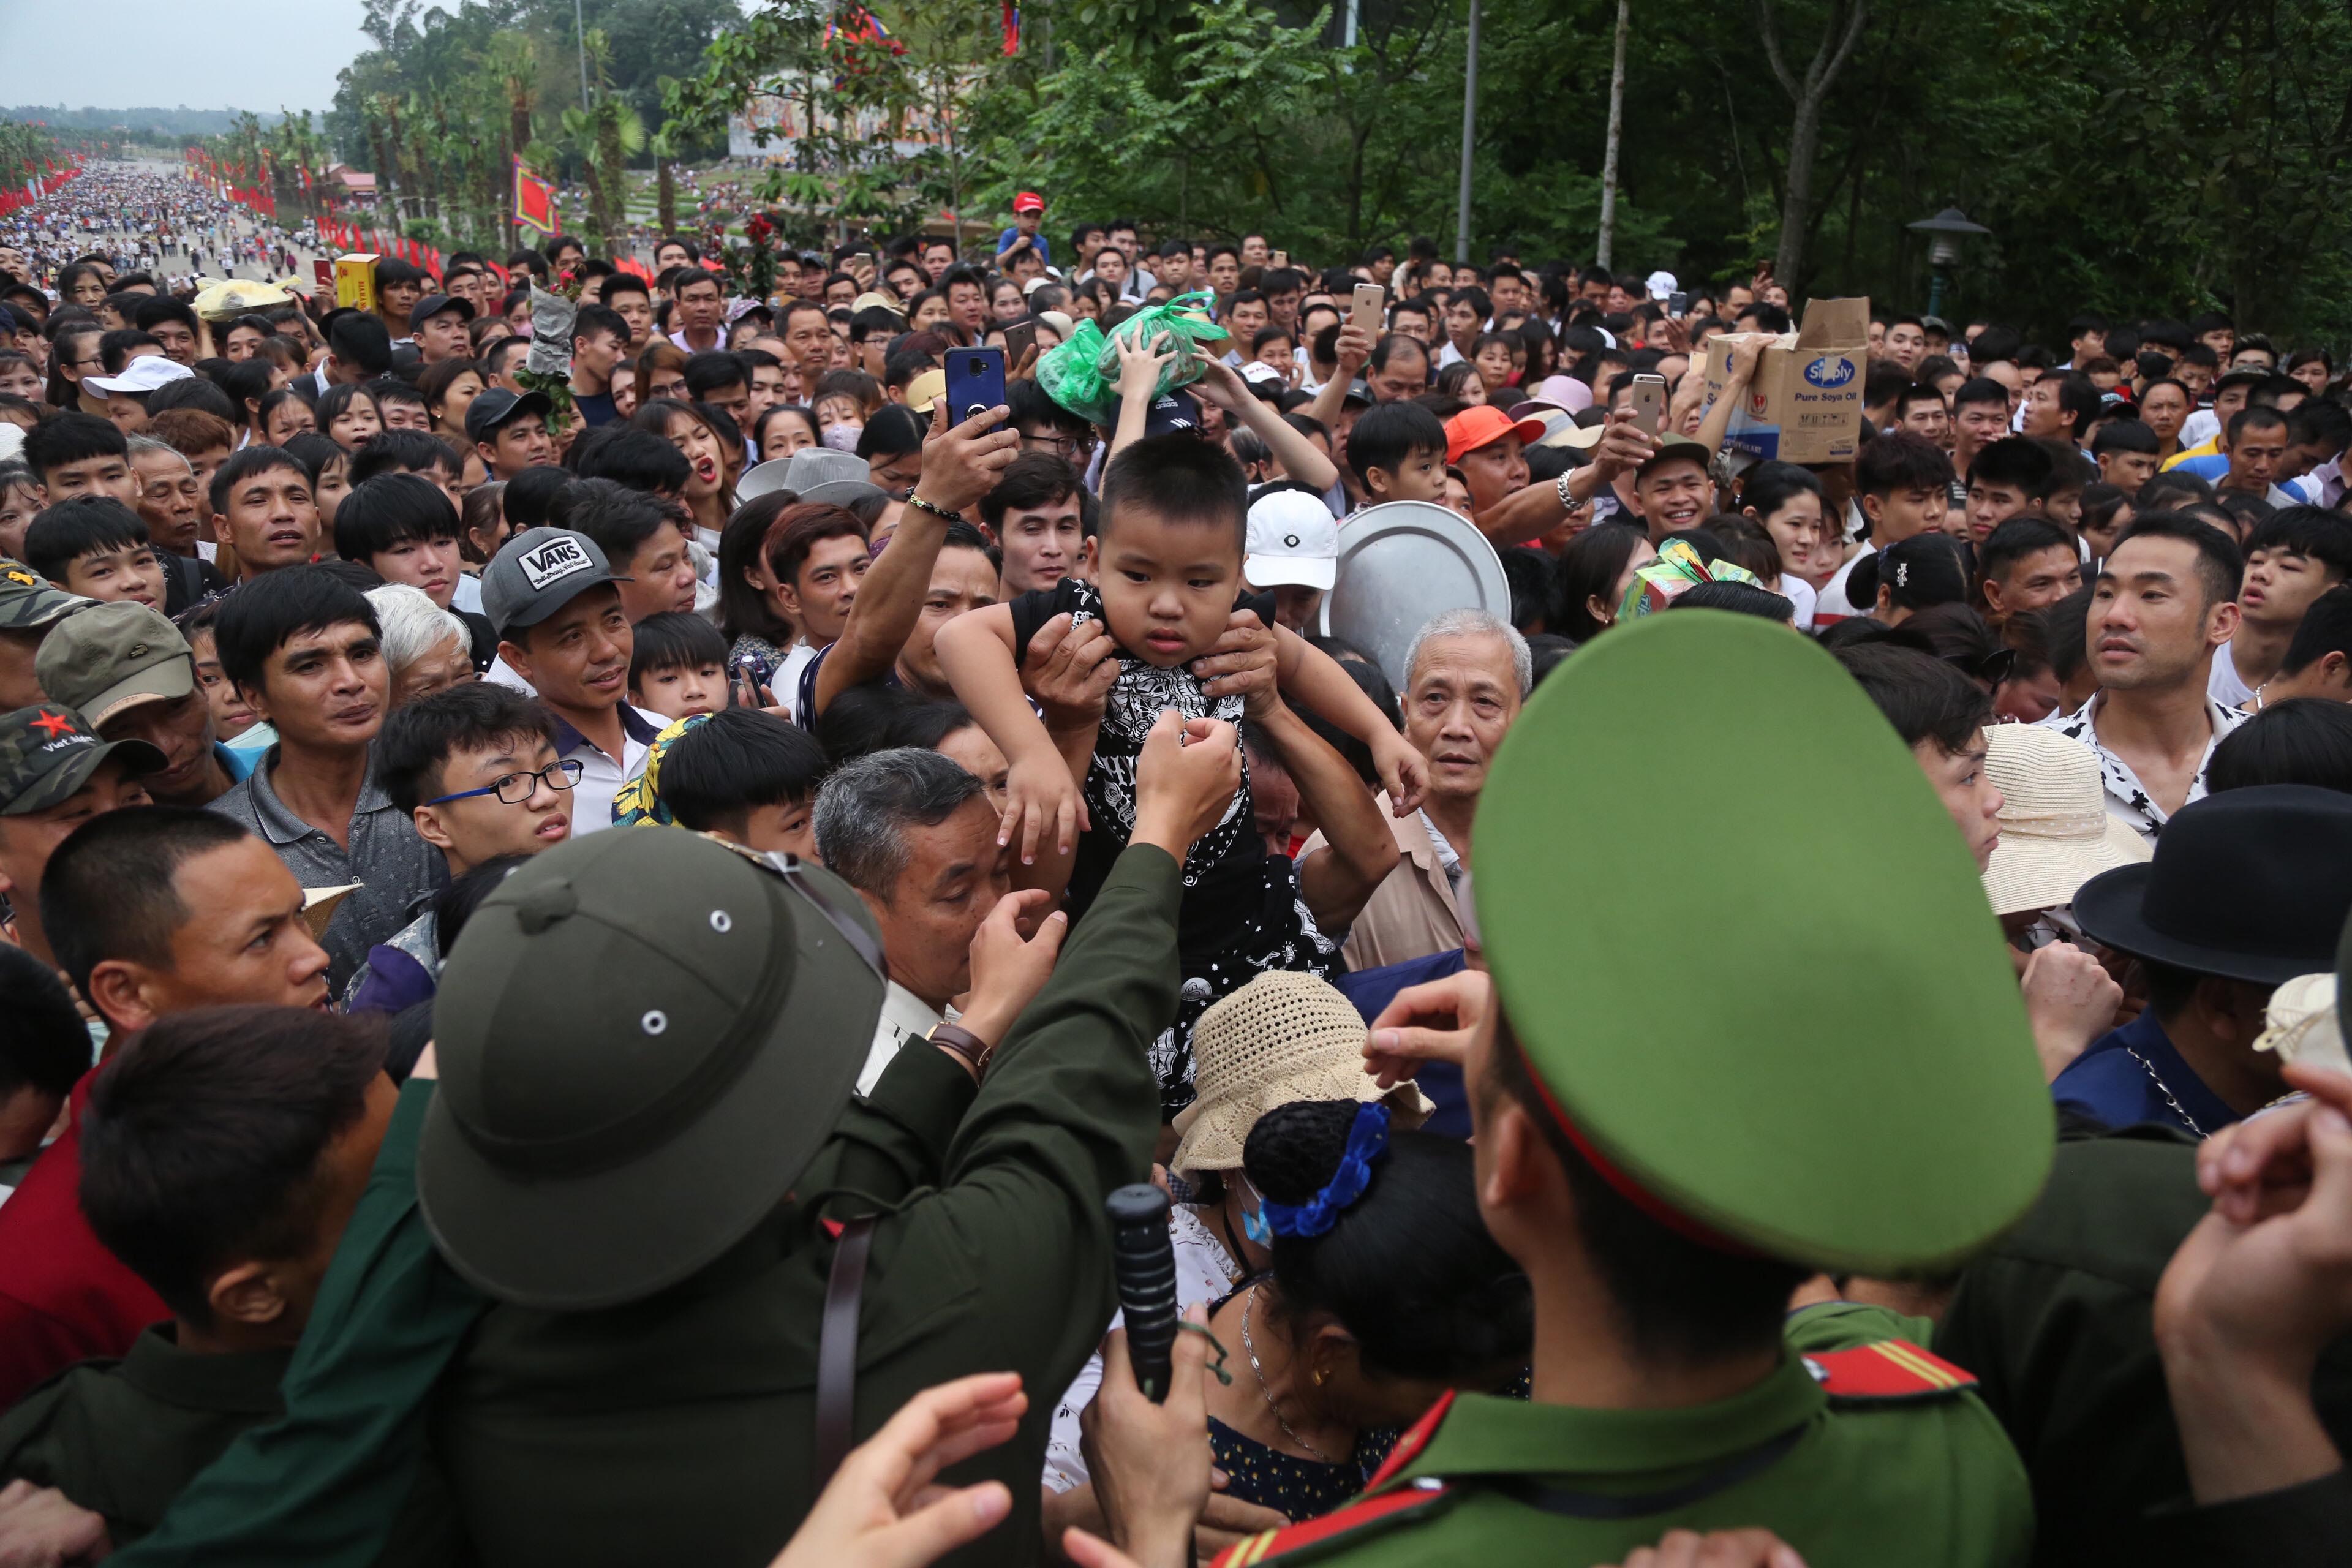 Nhiều trẻ nhỏ hoảng sợ vì lạc bố mẹ tại lễ hội Đền Hùng - Ảnh 1